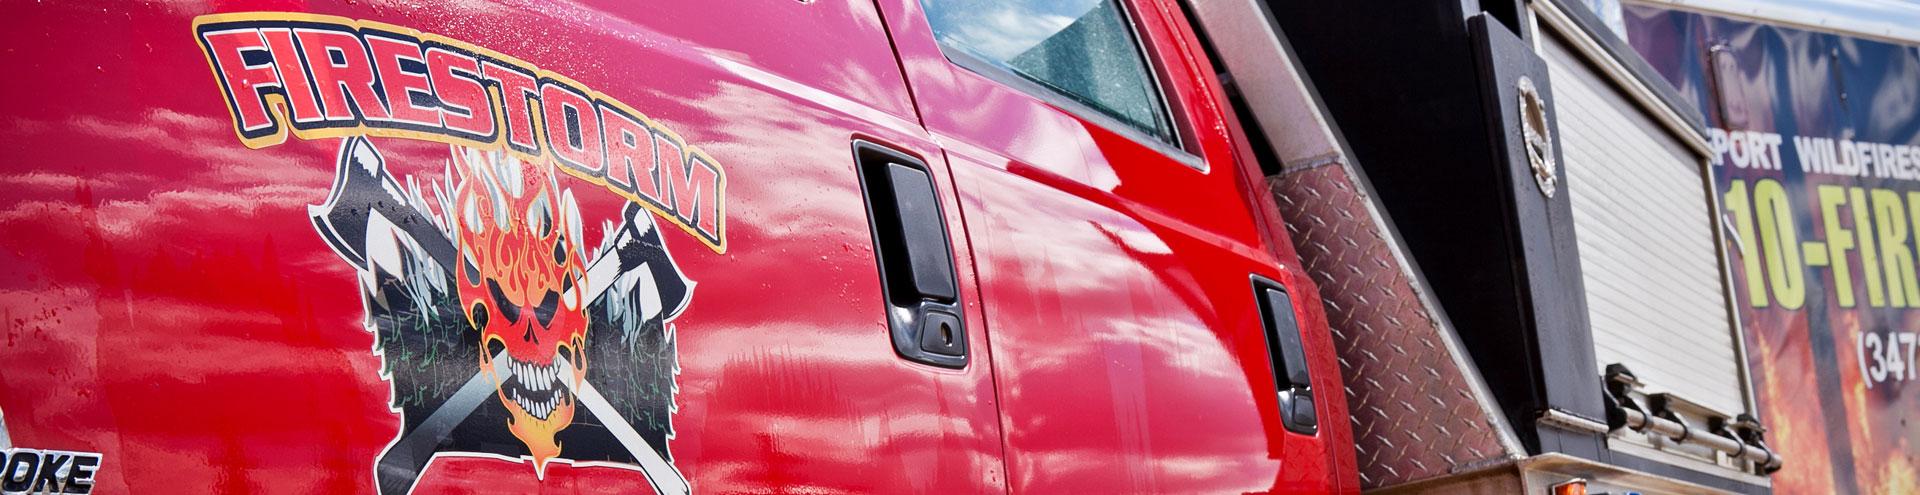 FireStorm Truck